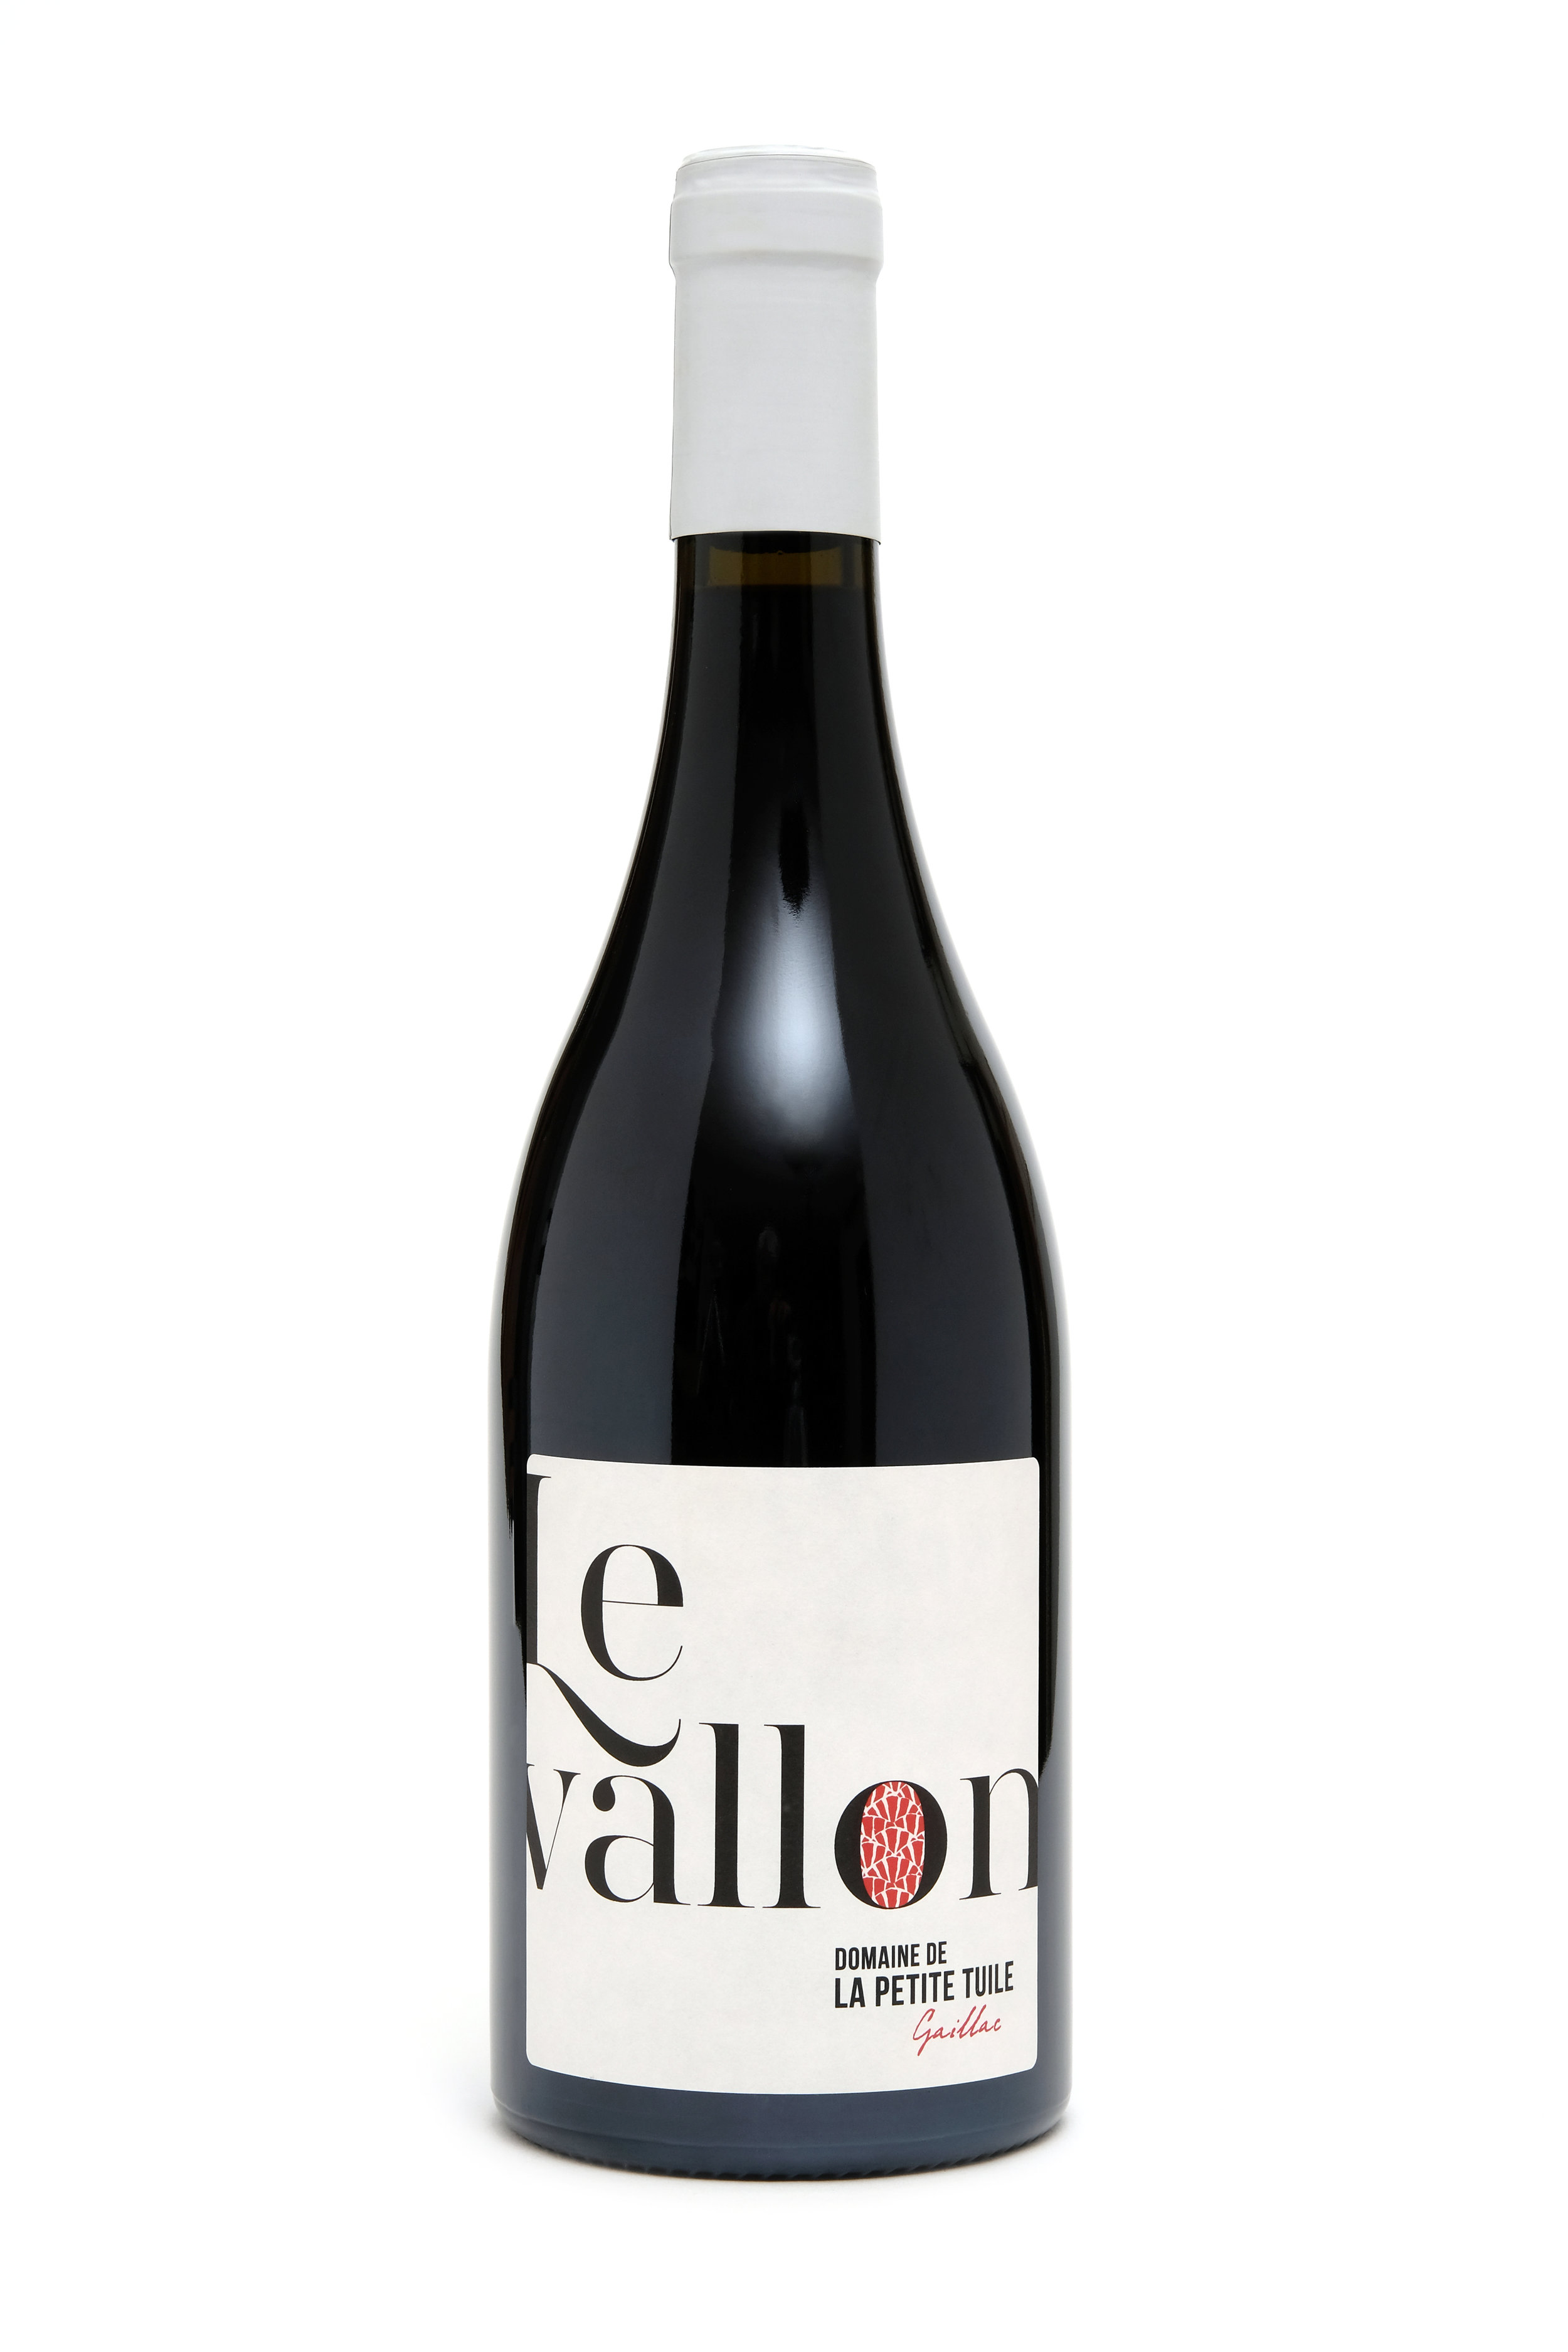 """Le VallonAOP GAILLAC - Un assemblage à parité des deux cépages rouges historiques de l'appellation. Braucol et Duras sont récoltés à la main, et vinifiés ensuite intégralement en barriques de 500L. Les macérations sont poussées pendant plusieurs semaines, sans manipuler le chapeau de marc, afin de n'extraire que les tanins les plus fins, avant un élevage d'un an dans les mêmes contenants. Un vin d'une grande longueur, une bouche soyeuse et des arômes de griottes et de cacao.""""Grande finesse de grain, arômes de fruits rouges et noirs et d'épices douces, belle intensité et persistance aromatique.""""Challenges Magazine N°576""""Fruité avec des notes florales, la bouche mûre, gourmande."""" Bettane&Desseauve, Grand Tasting"""